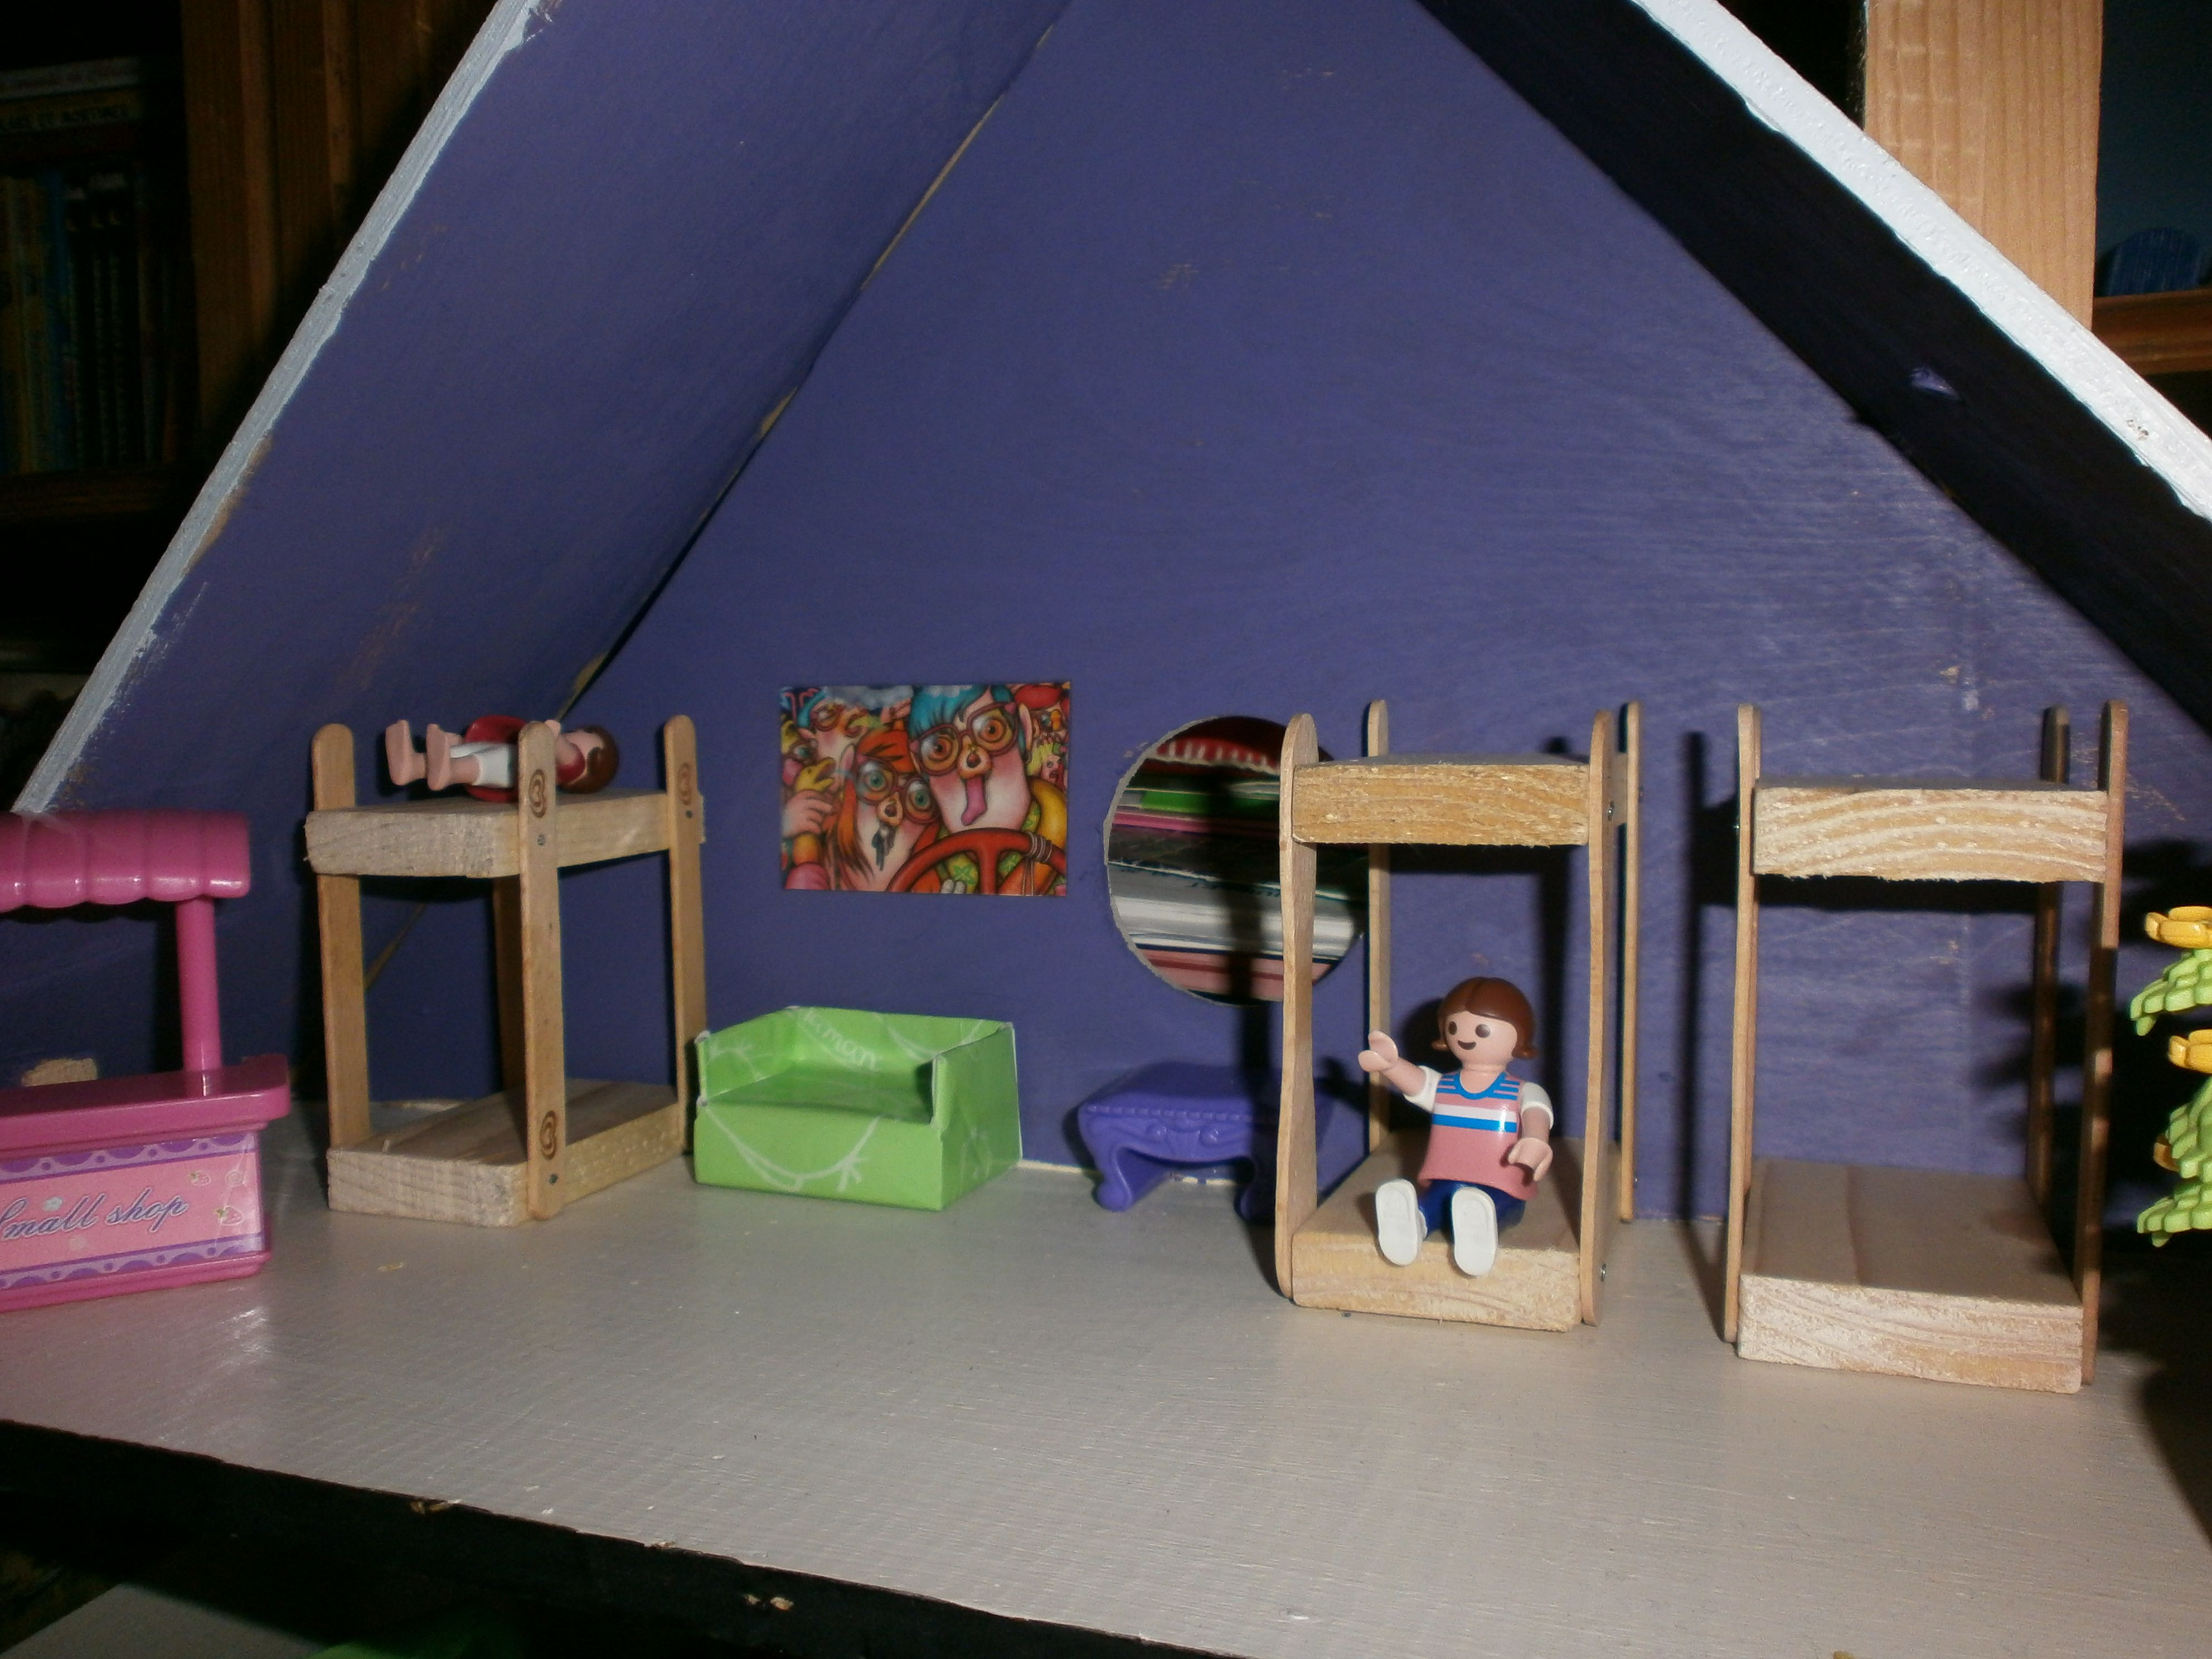 chambre des enfants dans maison playmobil fait maison lit superpose avec des batons de glaces. Black Bedroom Furniture Sets. Home Design Ideas